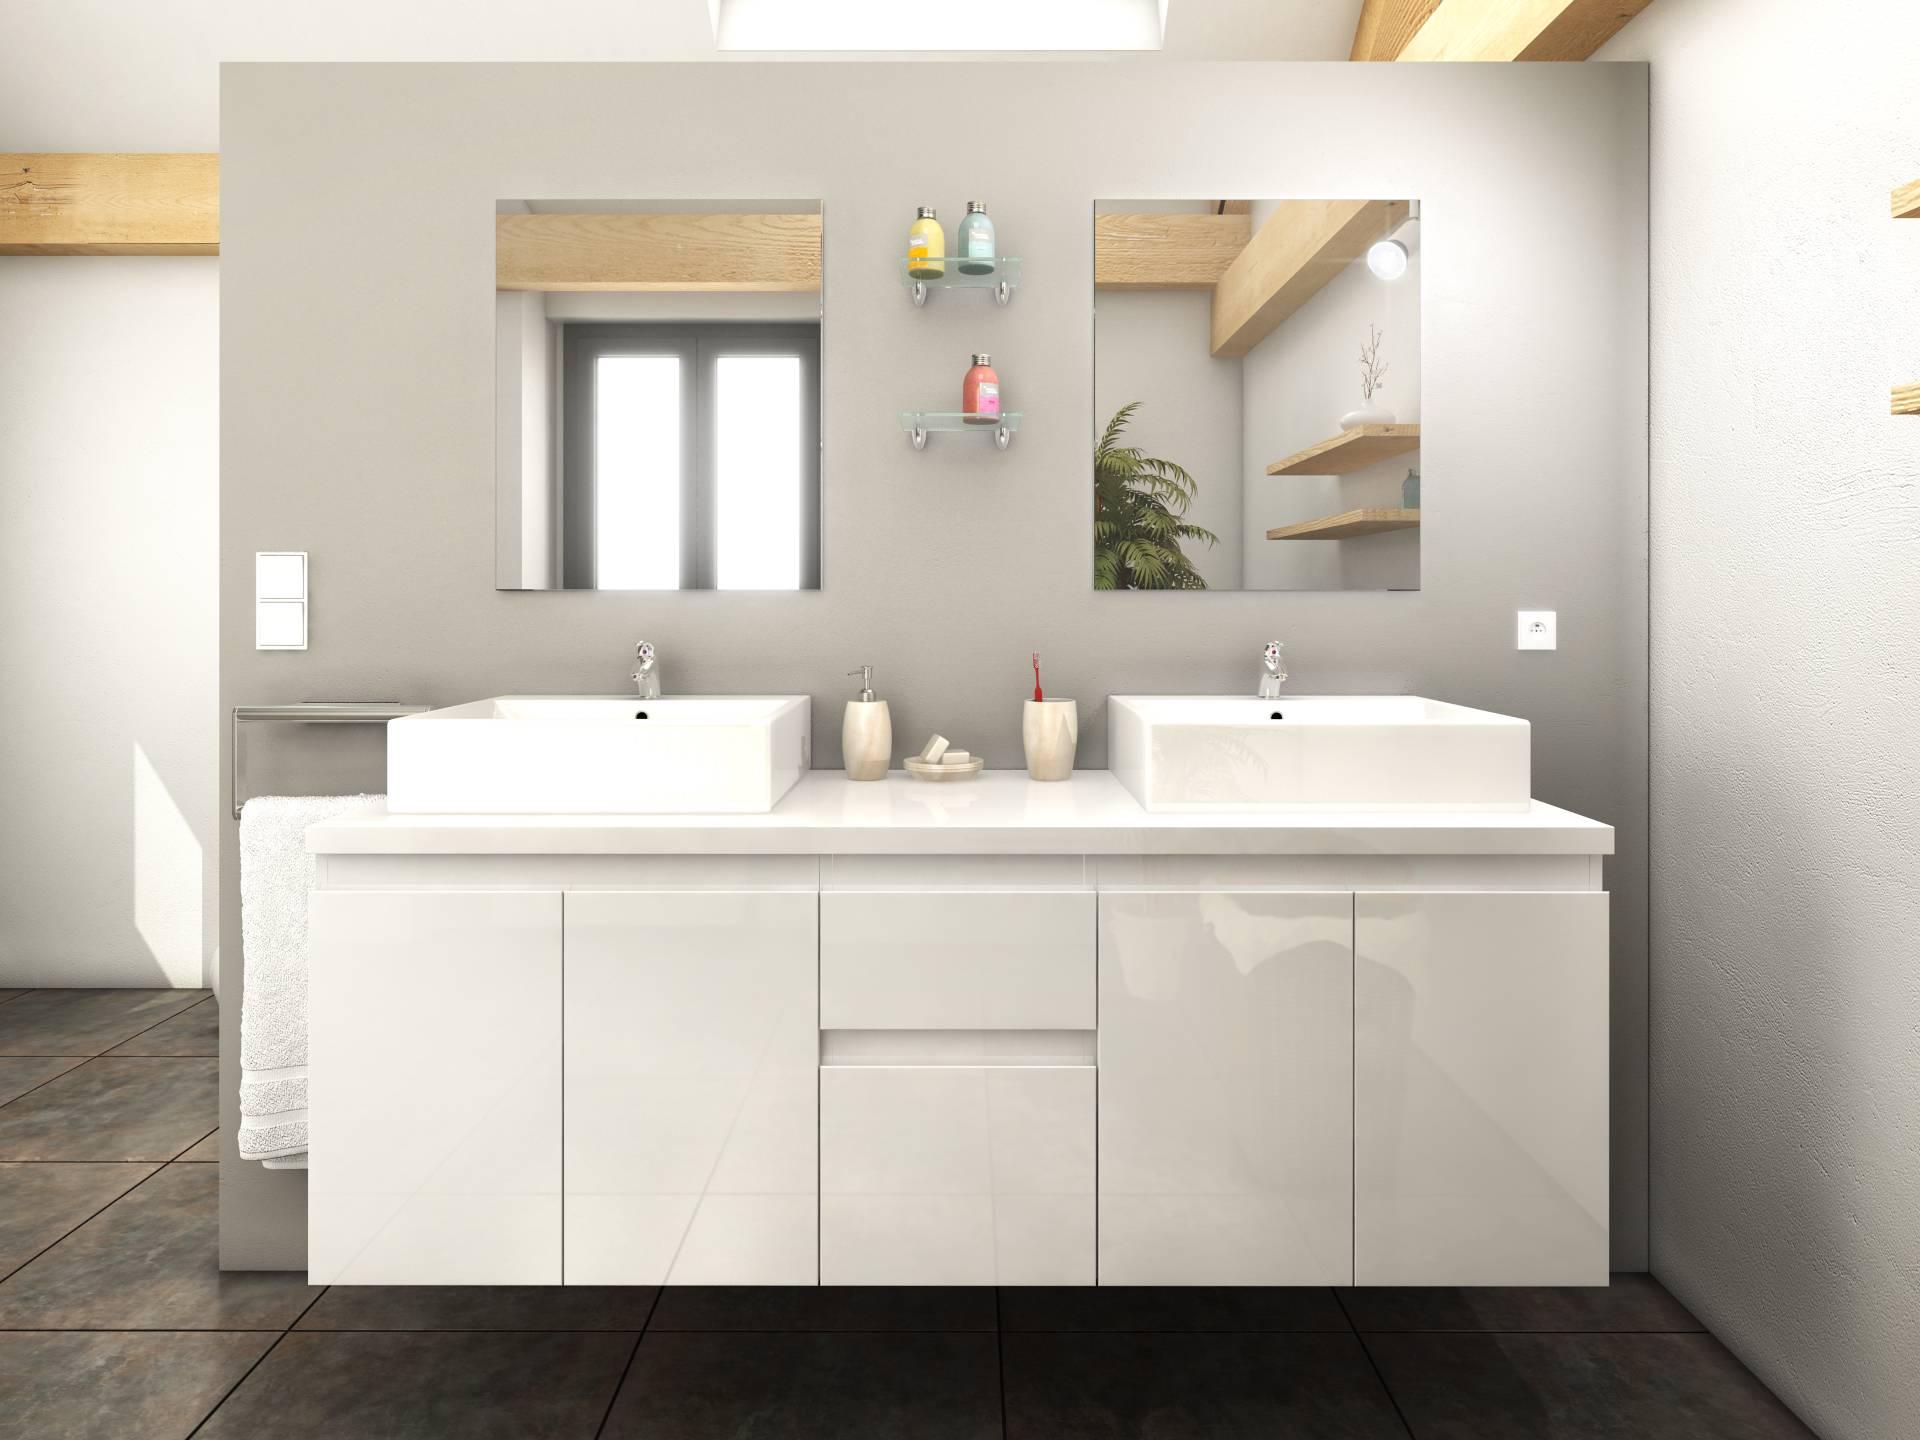 5 nouveau meuble vasque blanc image 2018 hyt4 meuble de for Meuble salle de bain conforama blanc